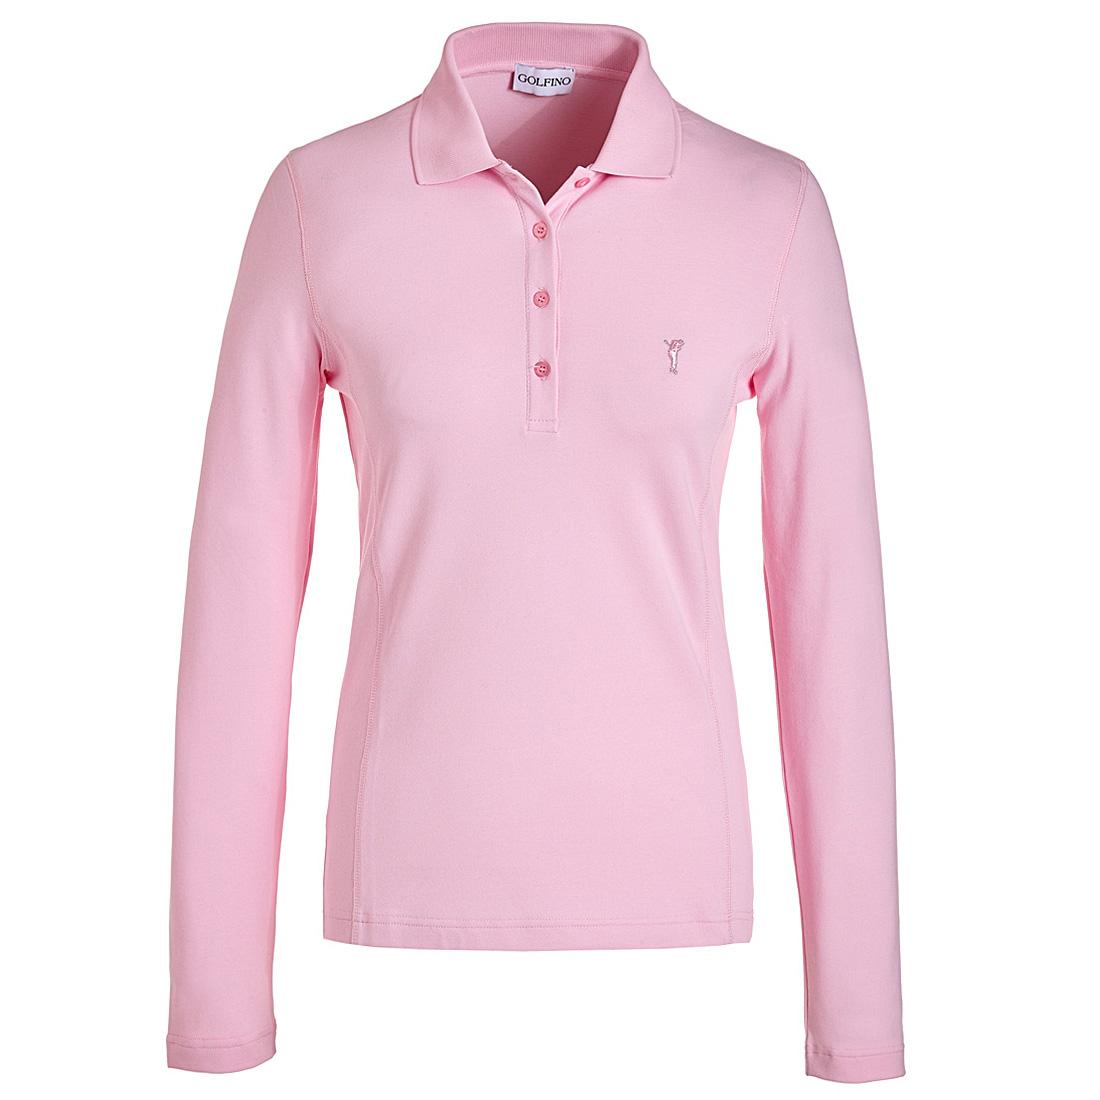 Poloshirt mit Sonnenschutz Pink